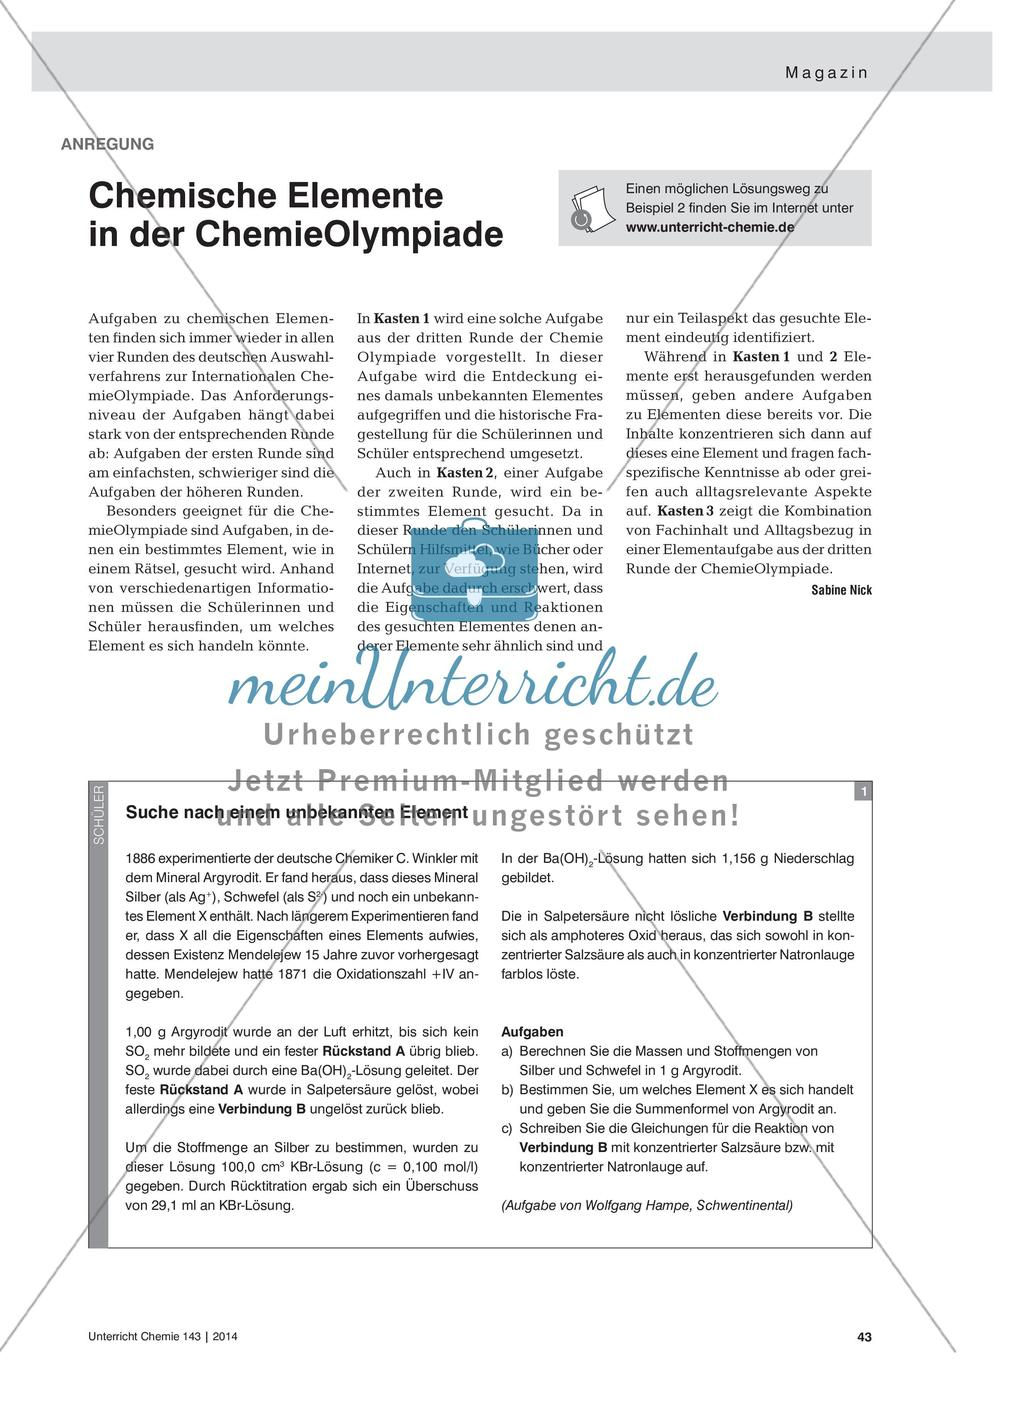 Chemische Elemente In Der Chemieolympiade Meinunterricht